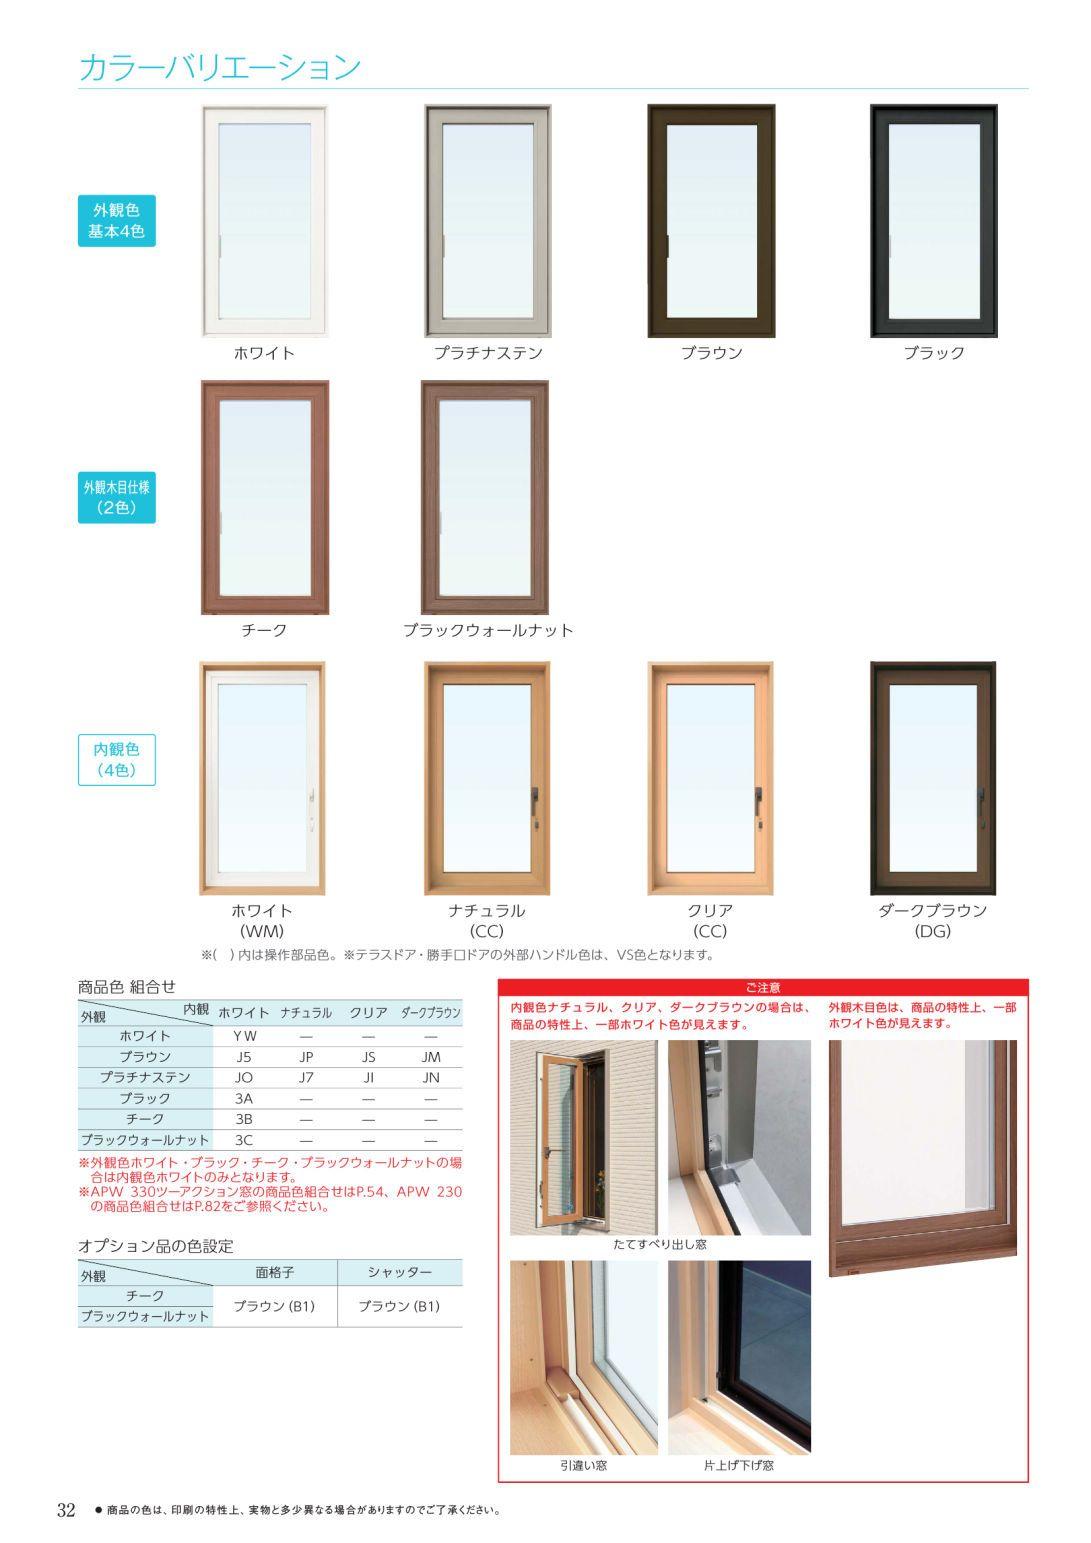 Apw330 商品カタログ カタログビュー 2020 窓 カタログ